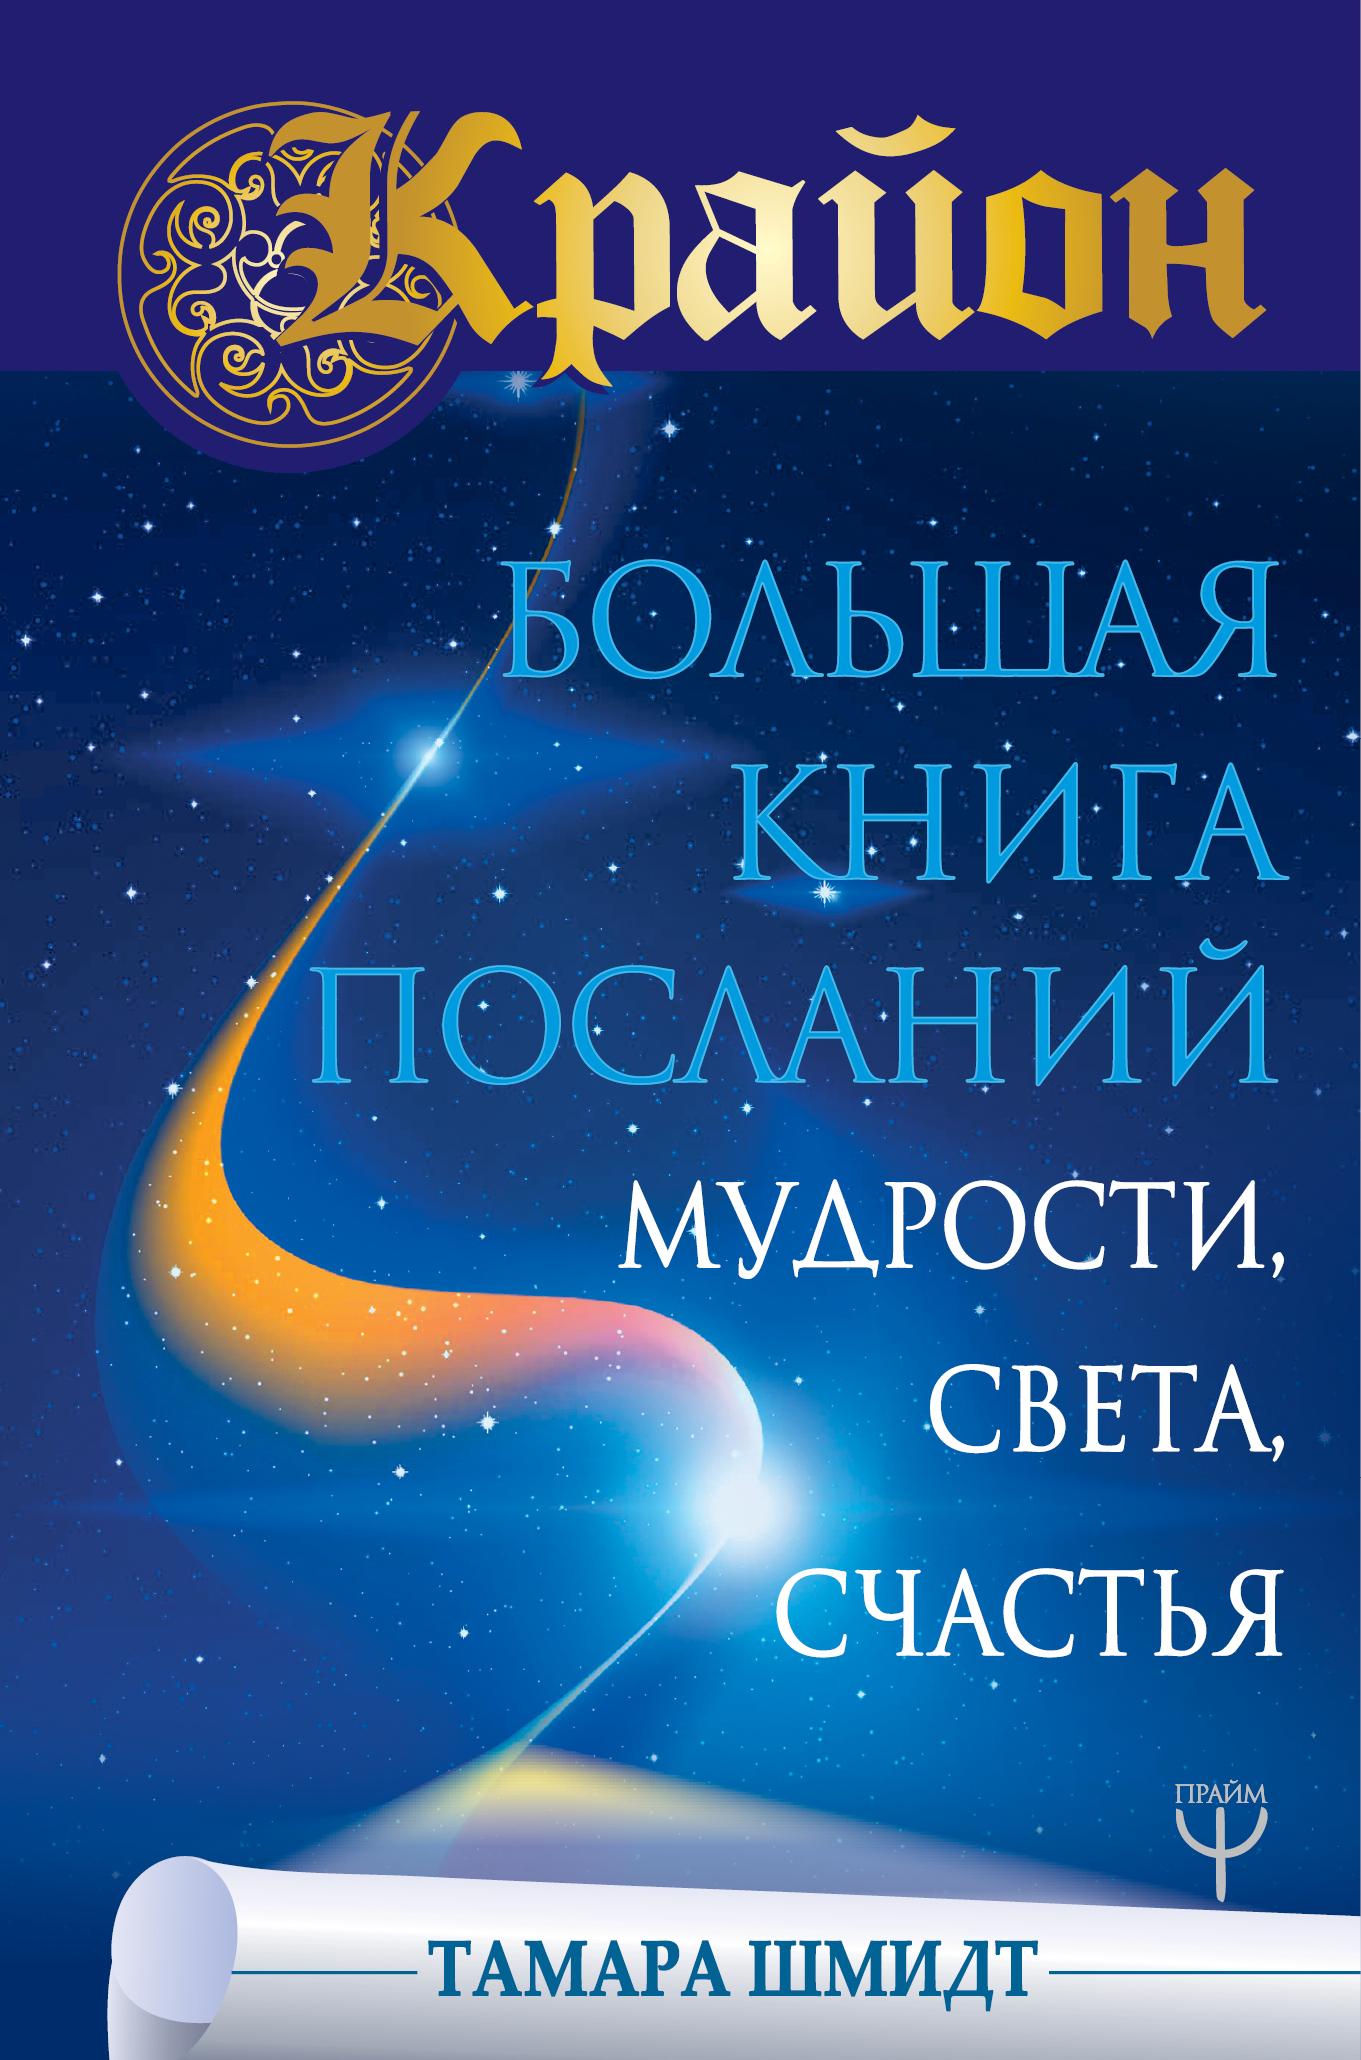 Тамара Шмидт «Крайон. Большая книга Посланий Мудрости, Света, Счастья»